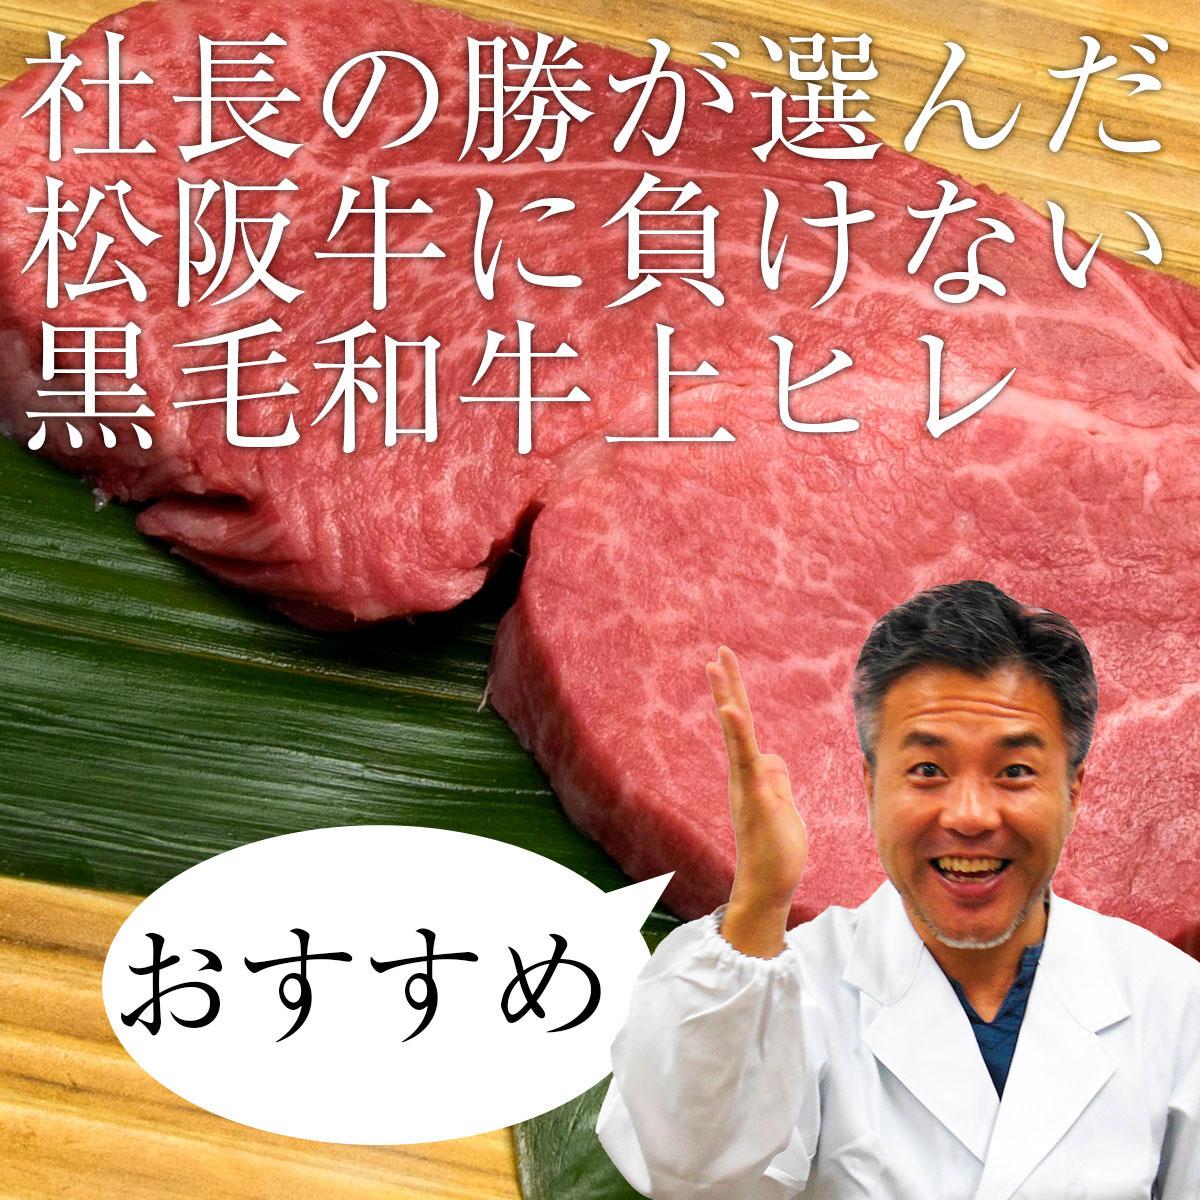 やまと 松阪 牛